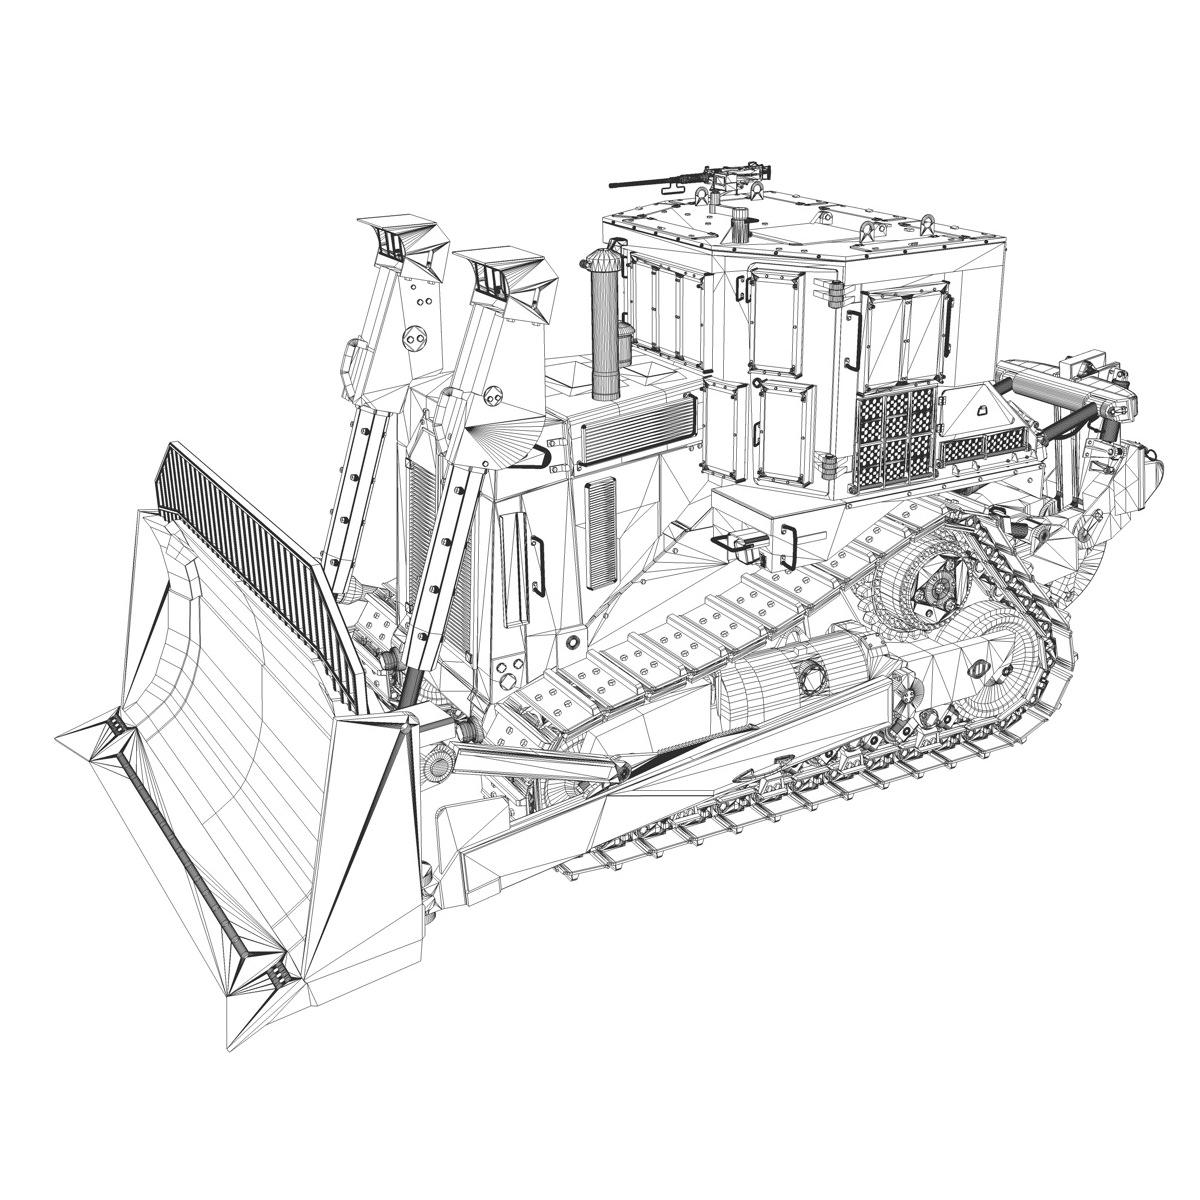 armored d9r bulldozer doobi 3d model obj 3ds fbx c4d lwo